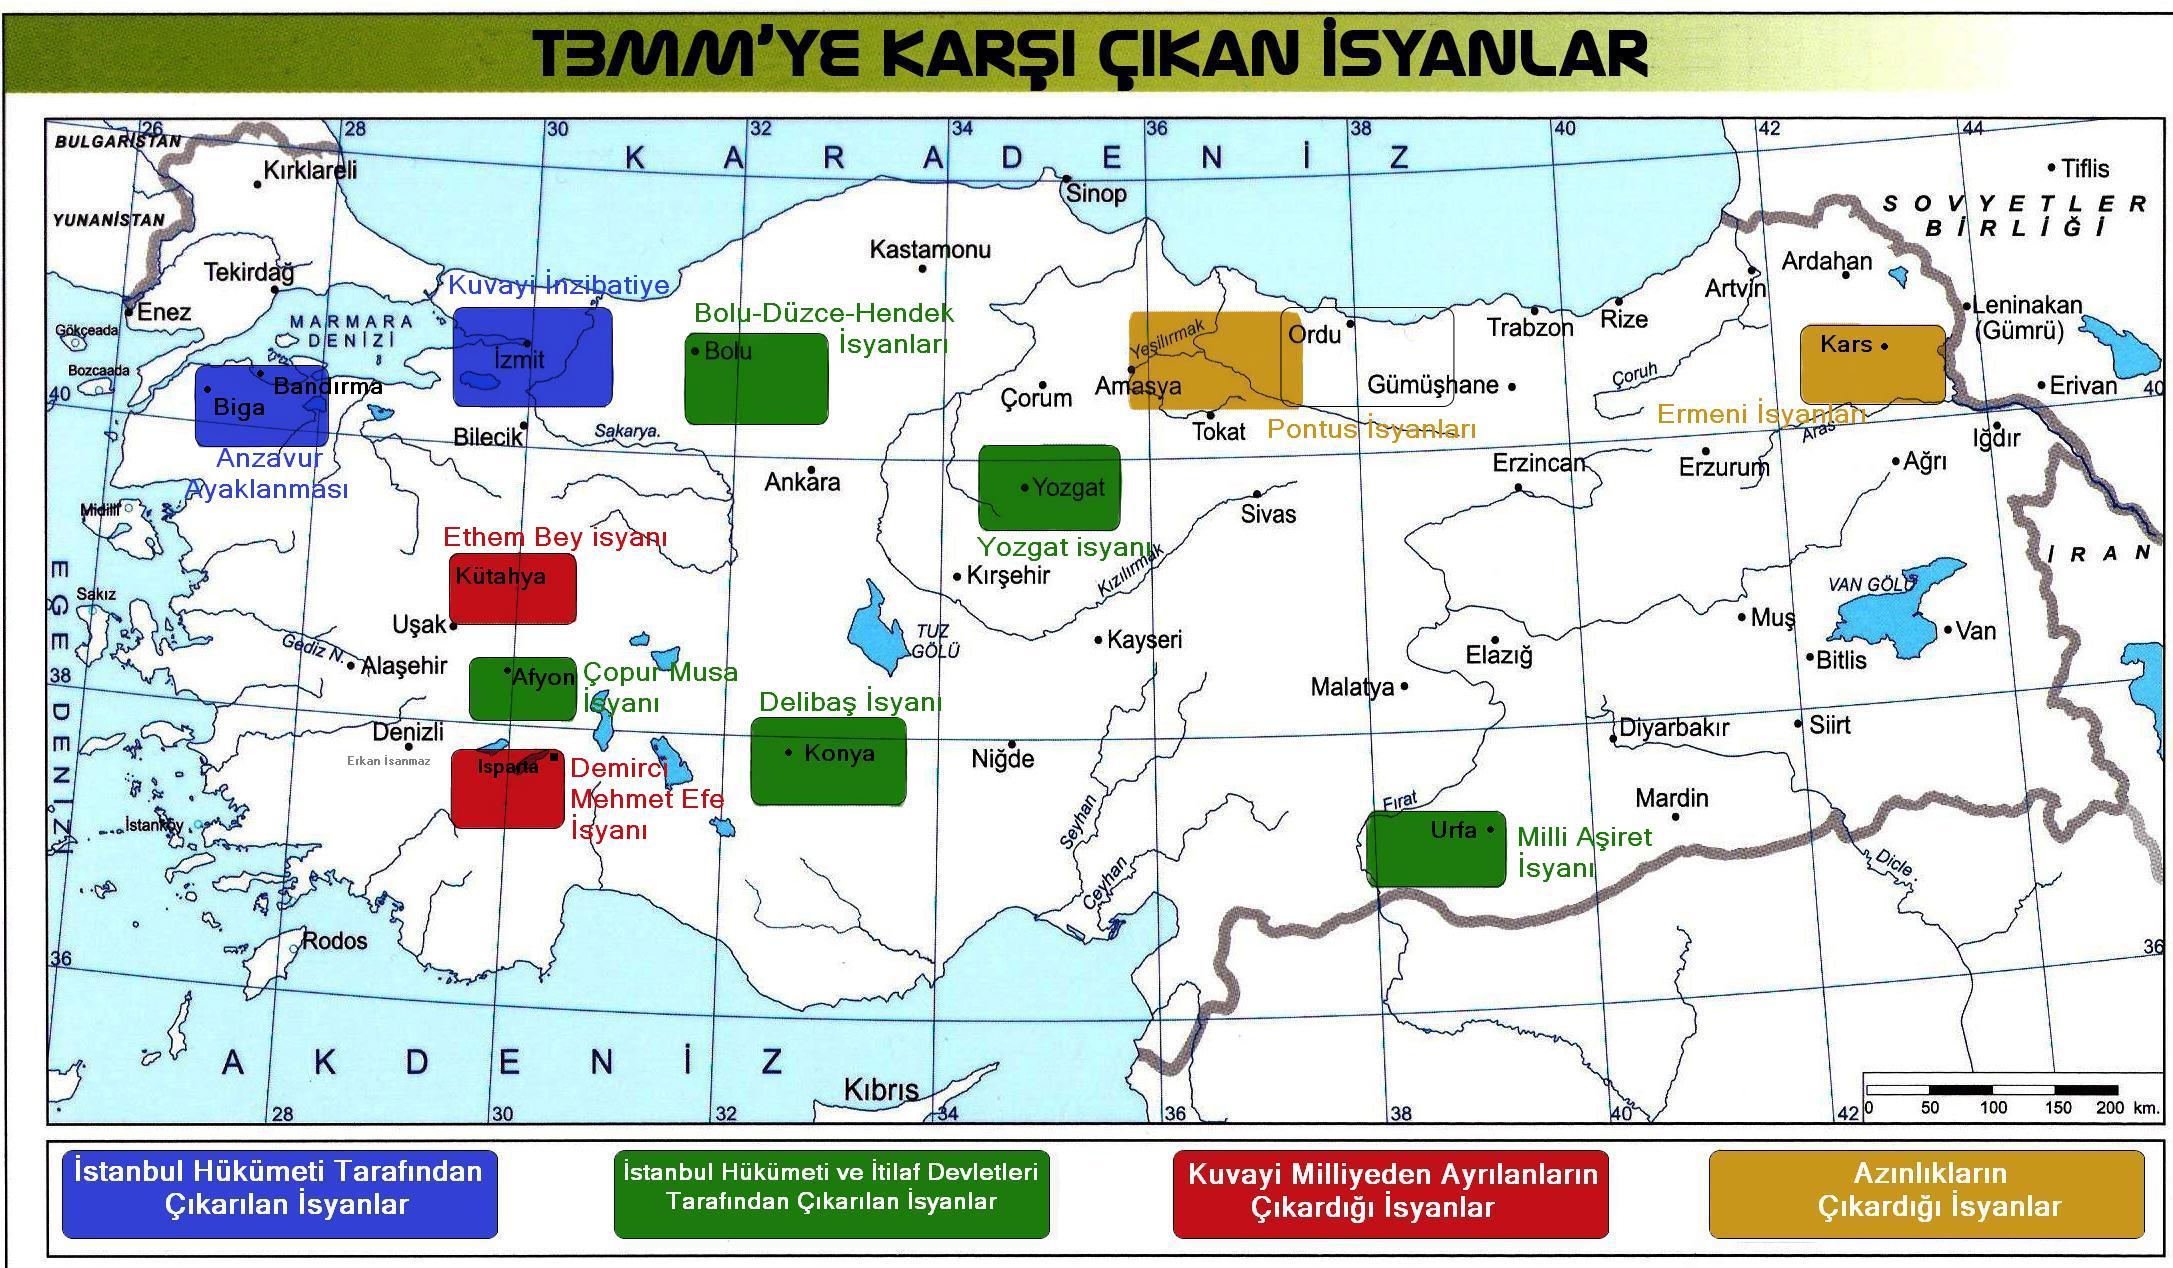 TBMMye karşı çıkan isyanlar haritası.jpg